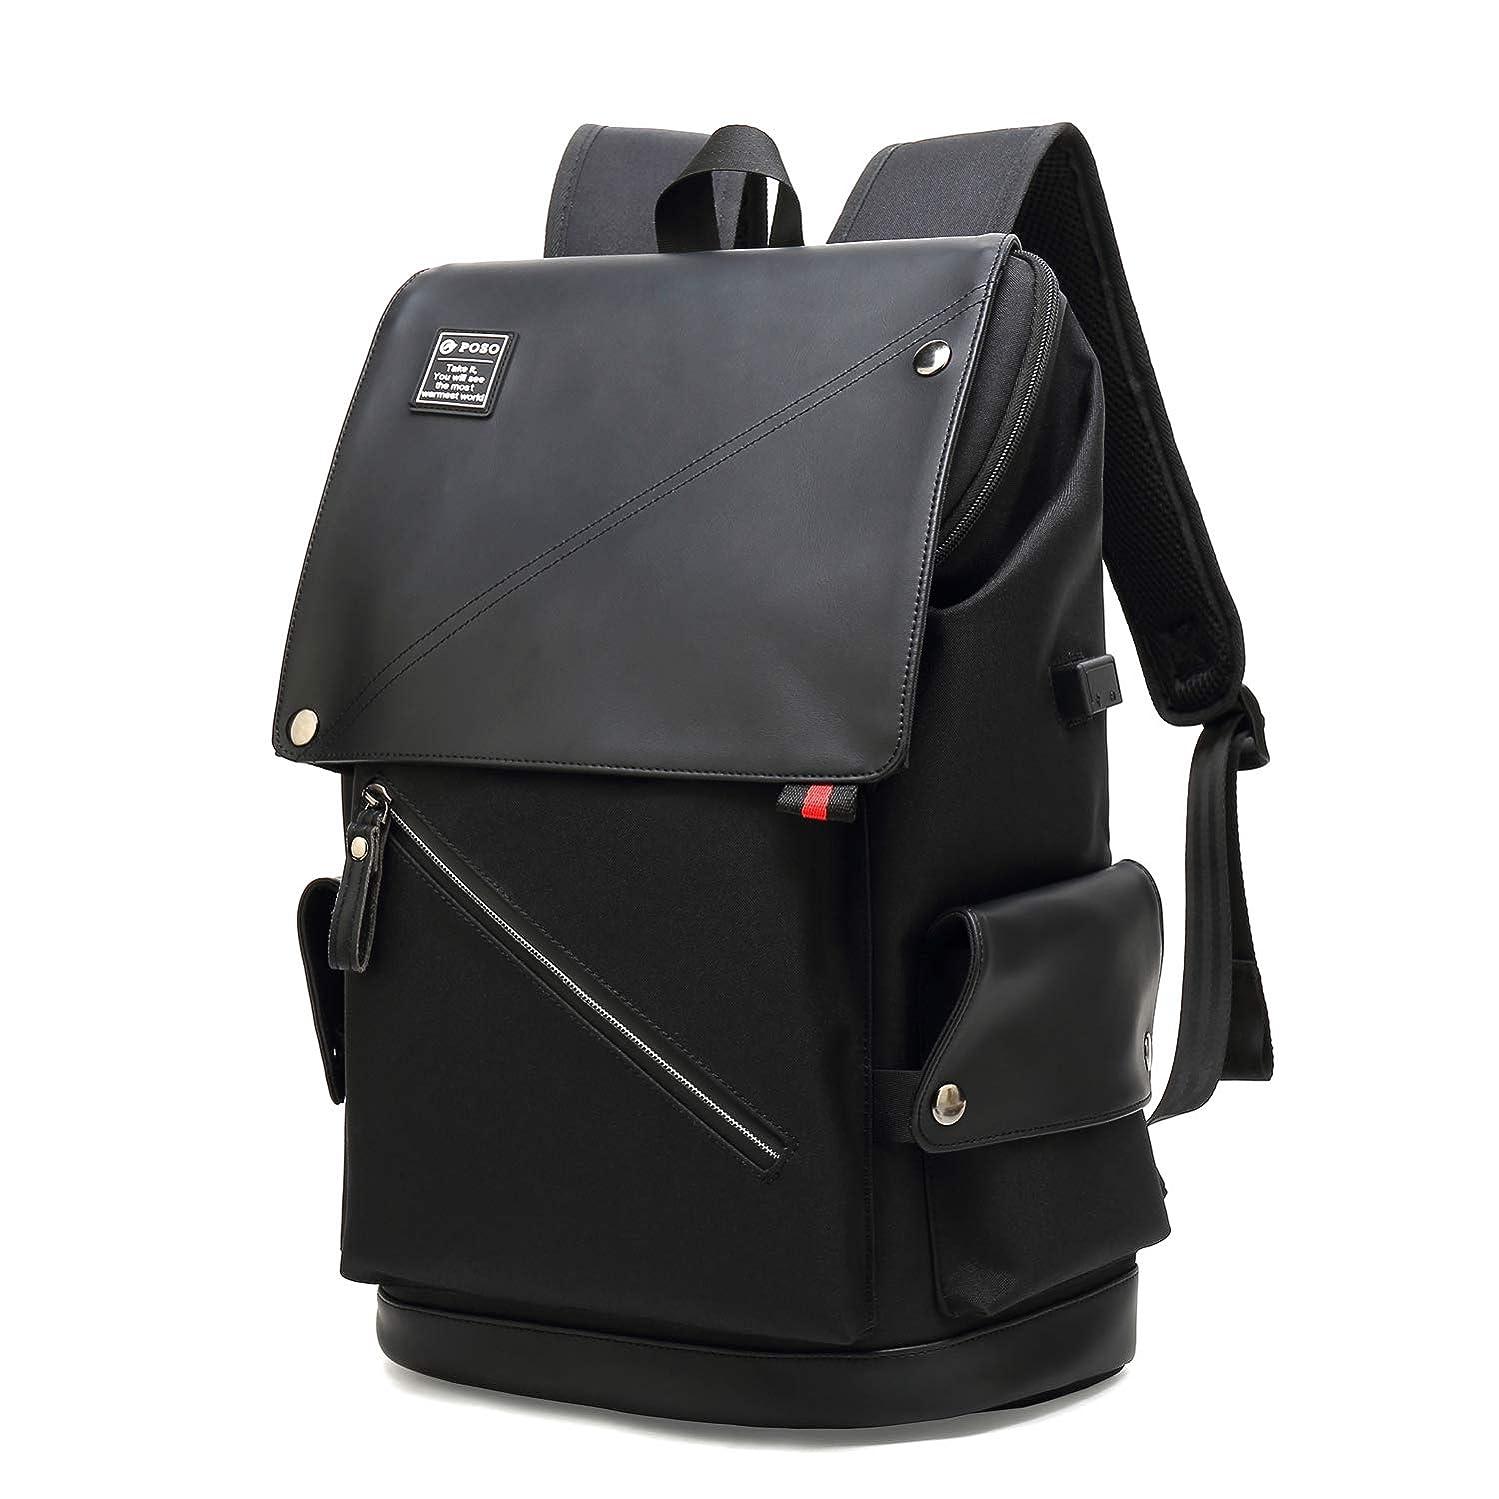 薬剤師固体終了しましたバックパック リュックサック ビジネス トラベルバッグ USBポート付き 大容量18L 撥水加工 防水 耐衝撃 負担軽減 メンズ レディース兼用 黒